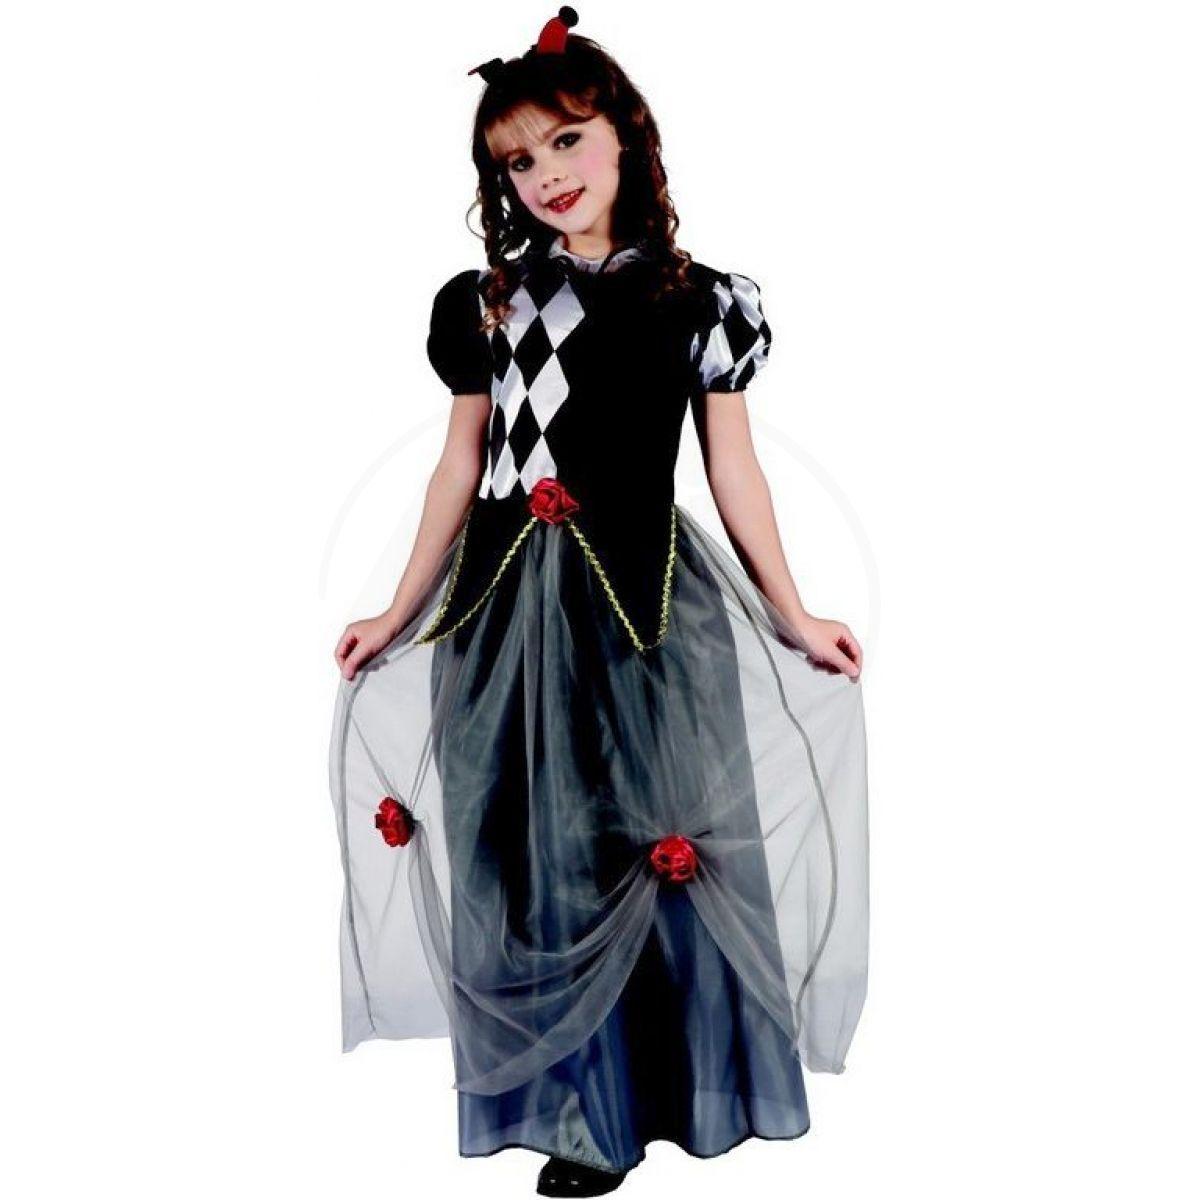 Dětský karnevalový kostým princezna šašek M 120 - 130 cm e71f98ab694